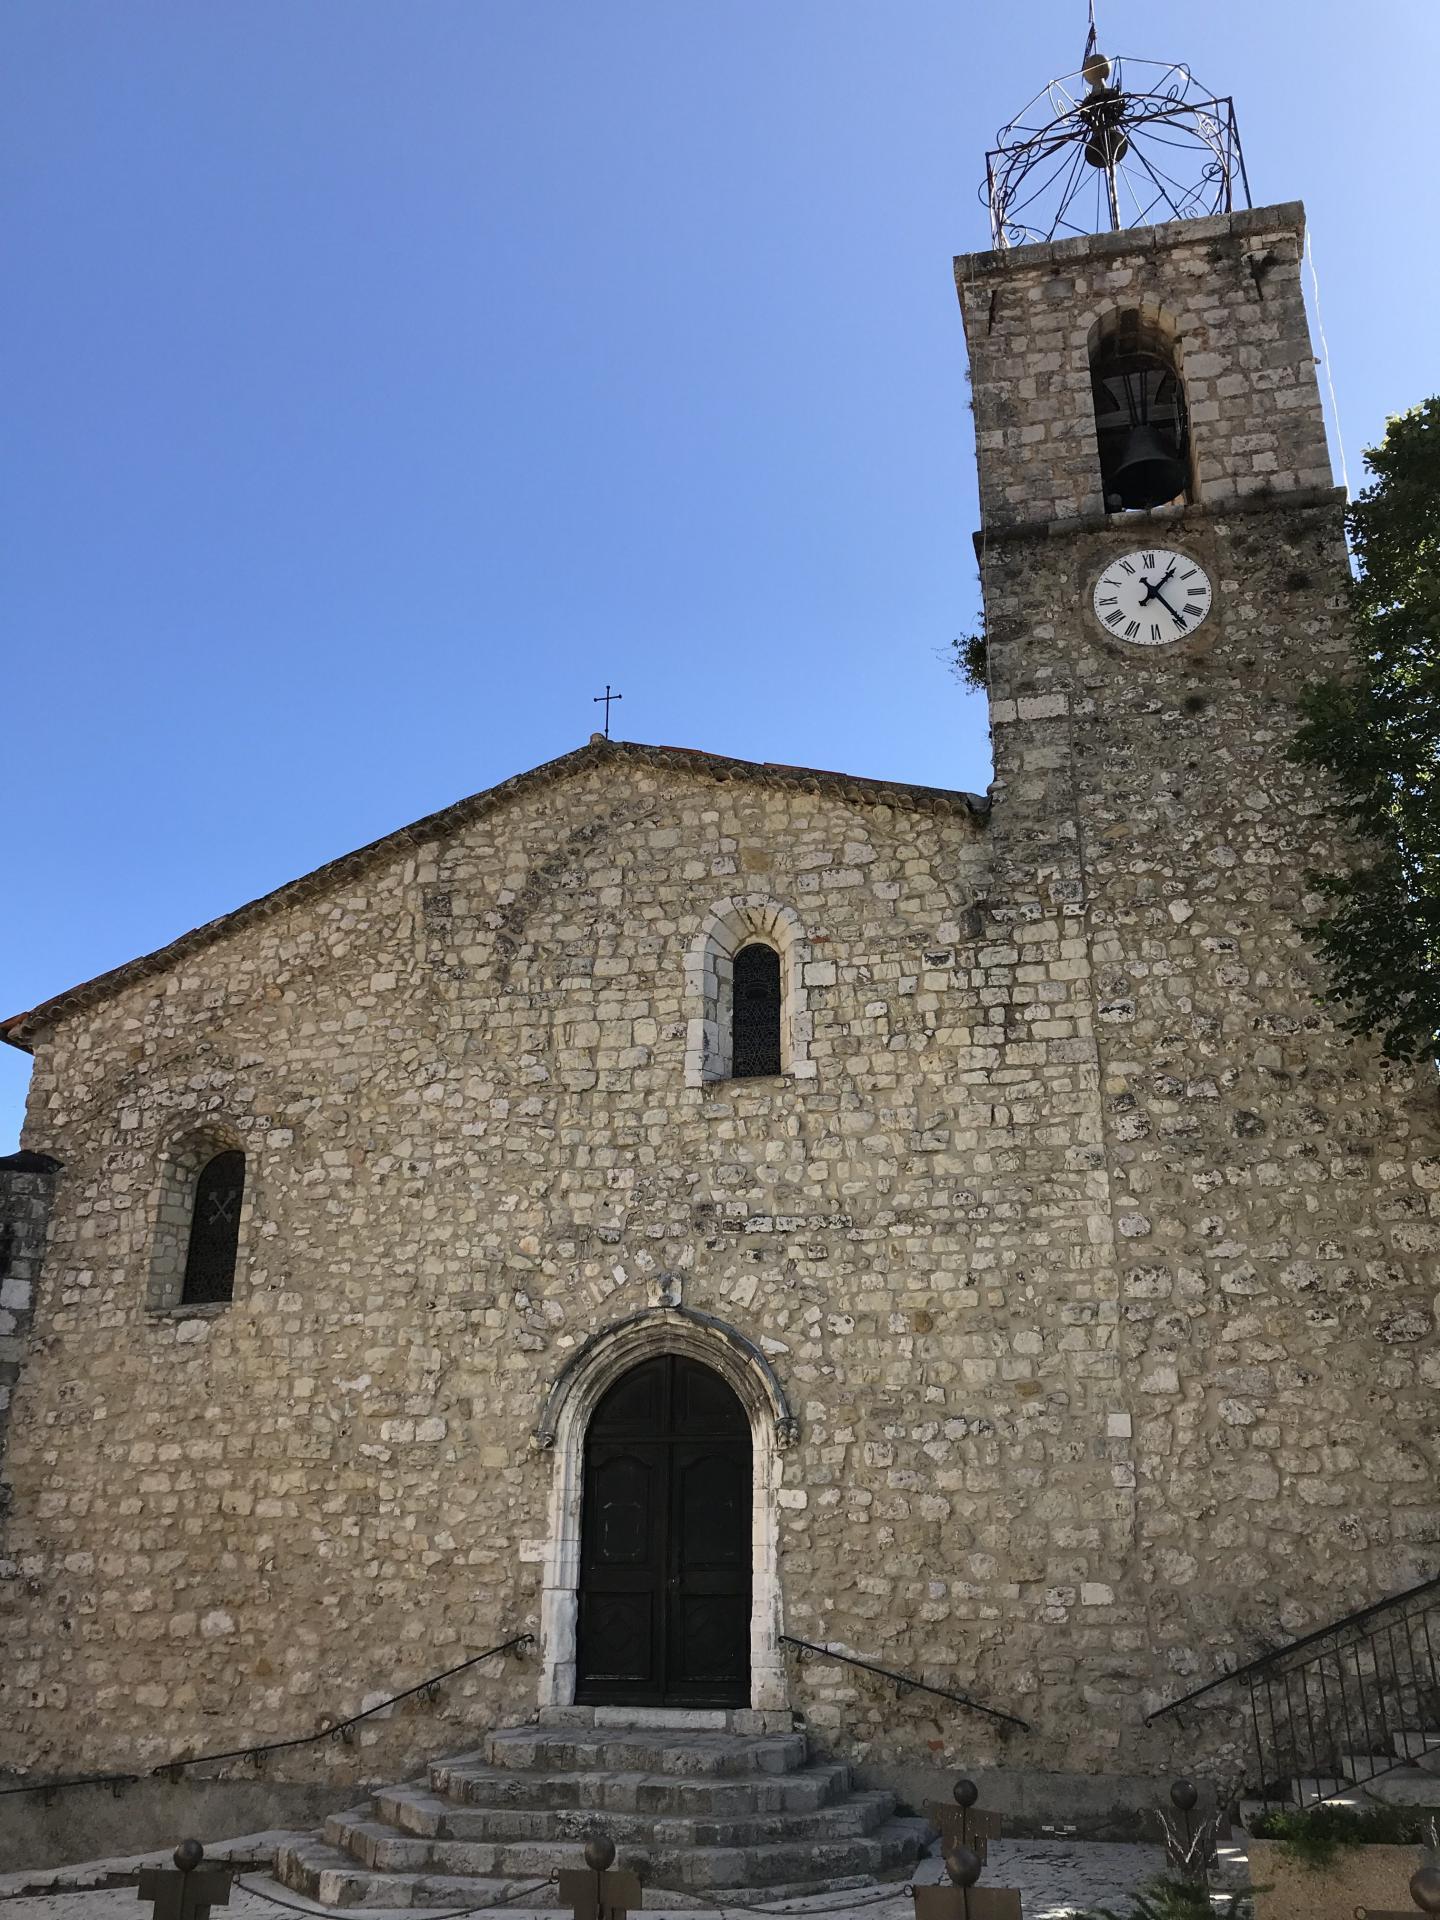 L'office de tourisme de Gréolières et l'association du patrimoine de Gréolières ont réalisé un circuit du patrimoine.